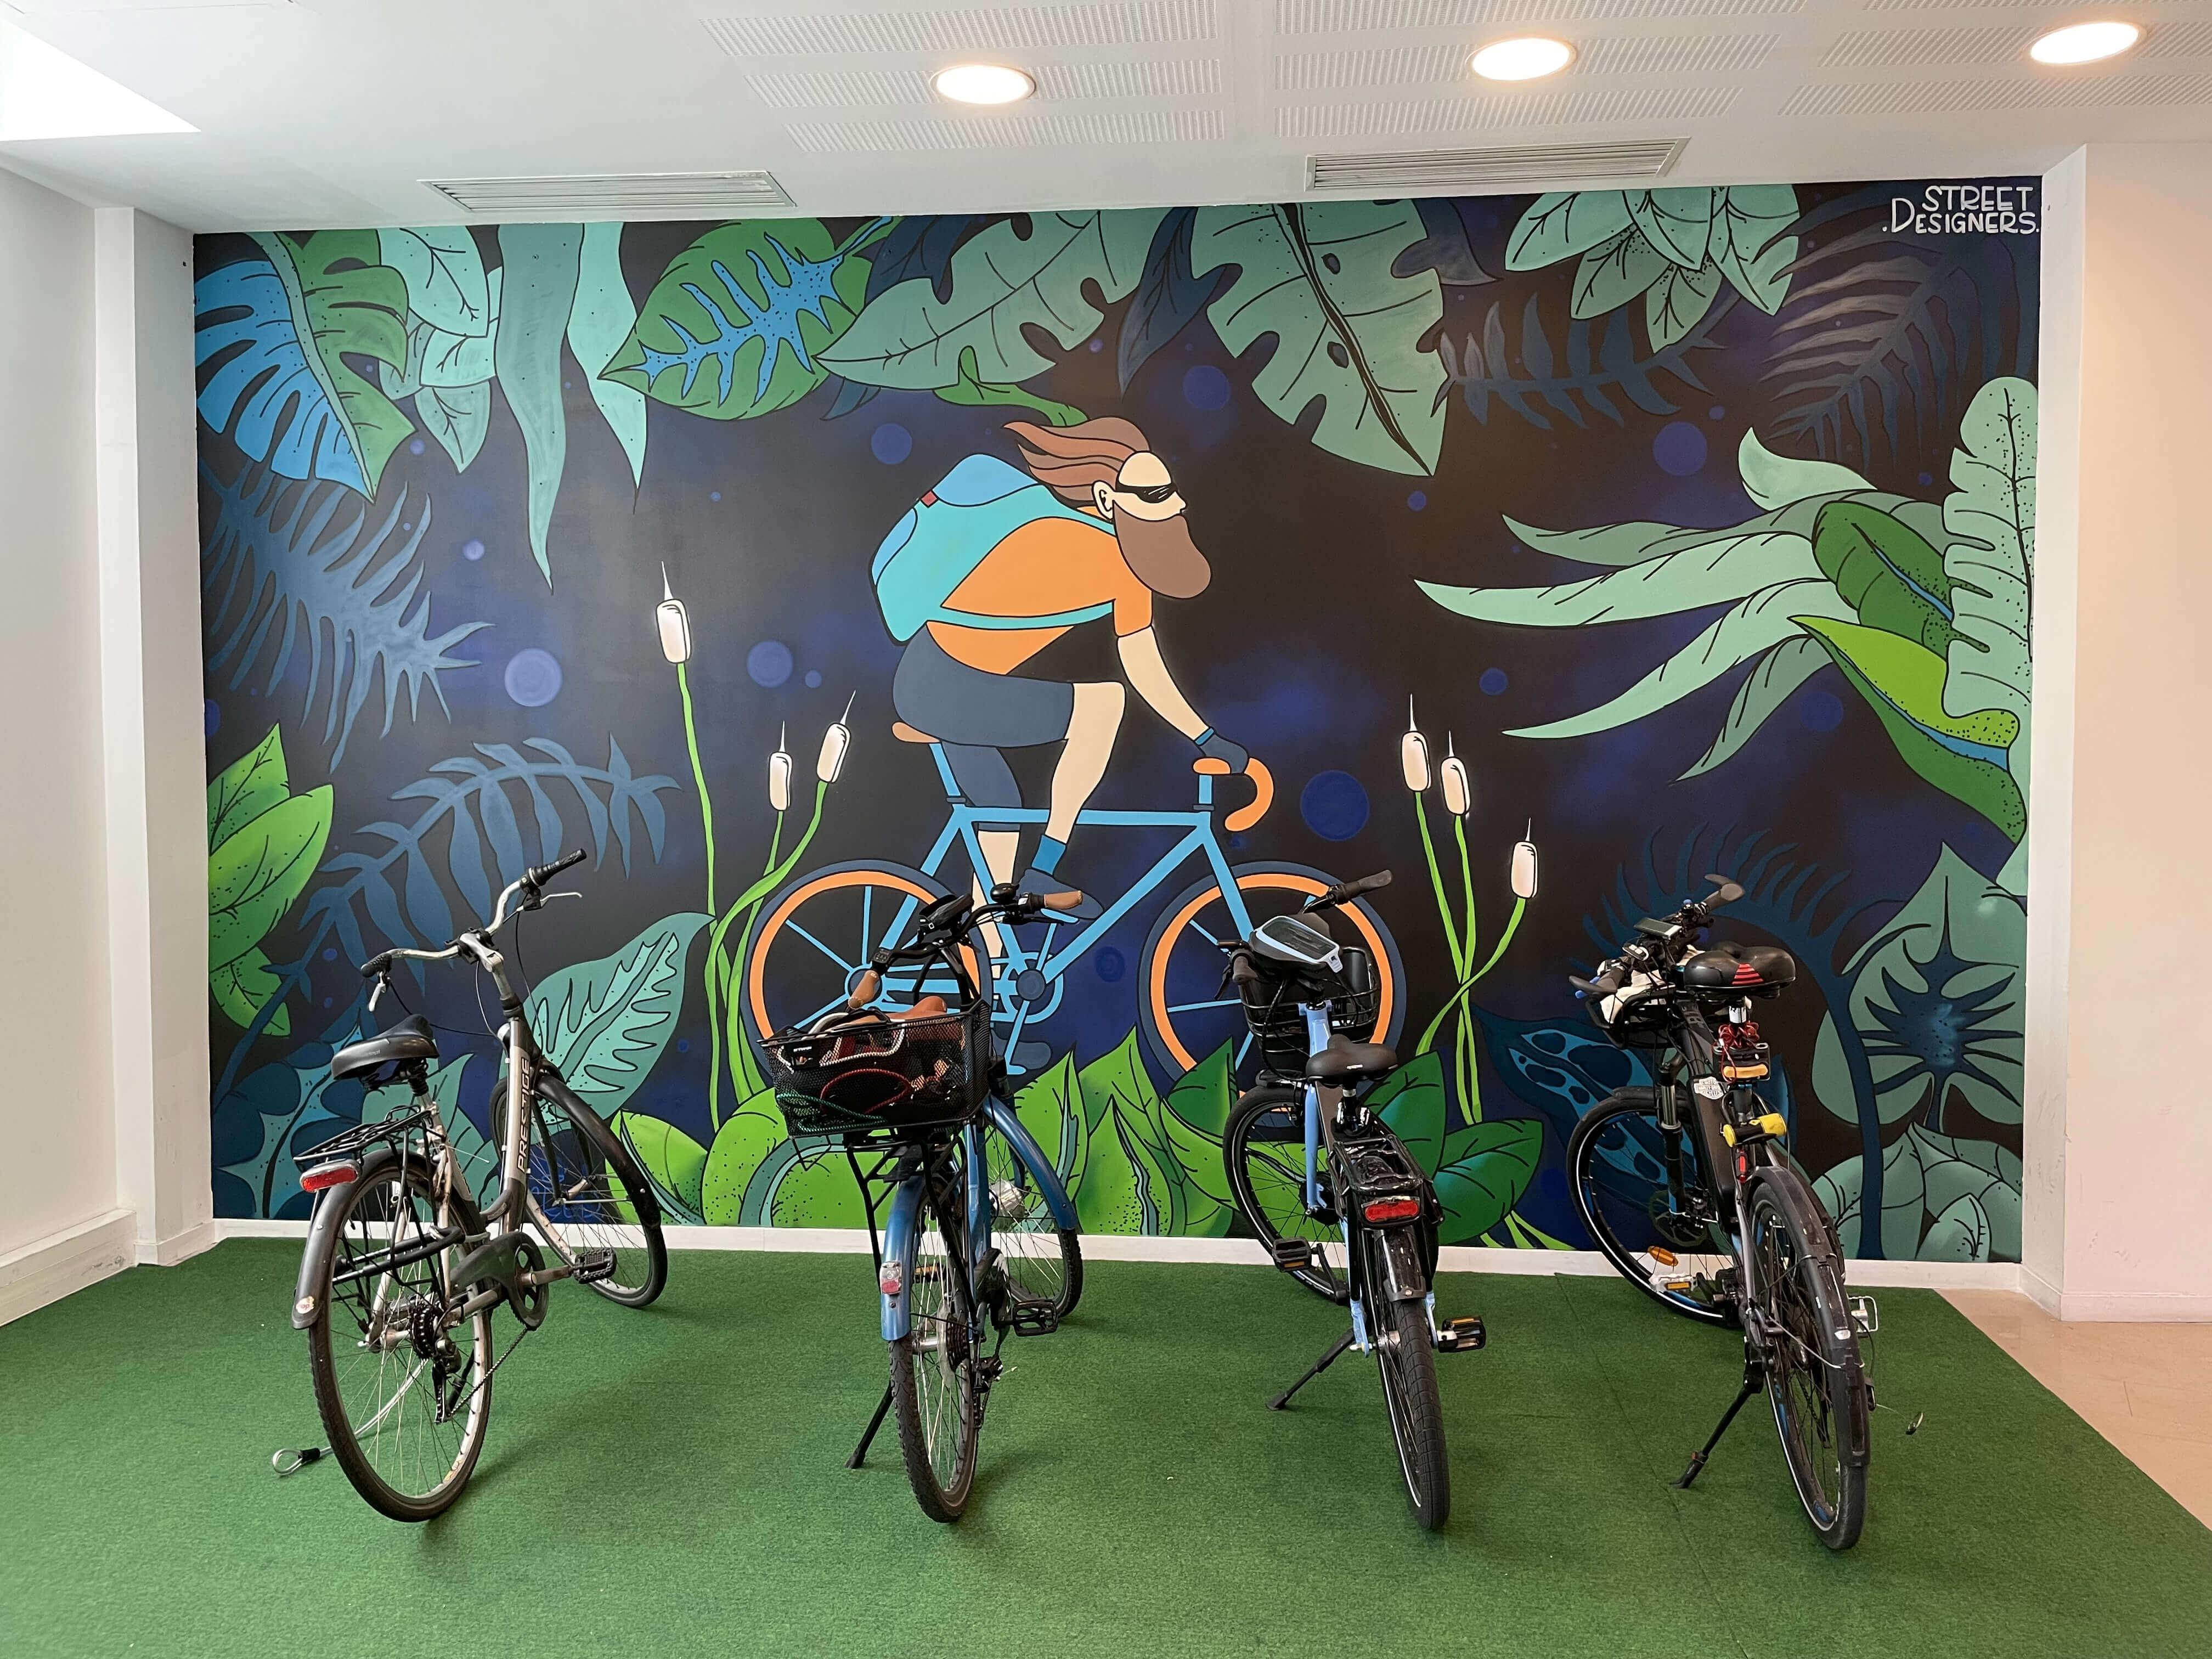 Fresque mural street art dans un local à vélo